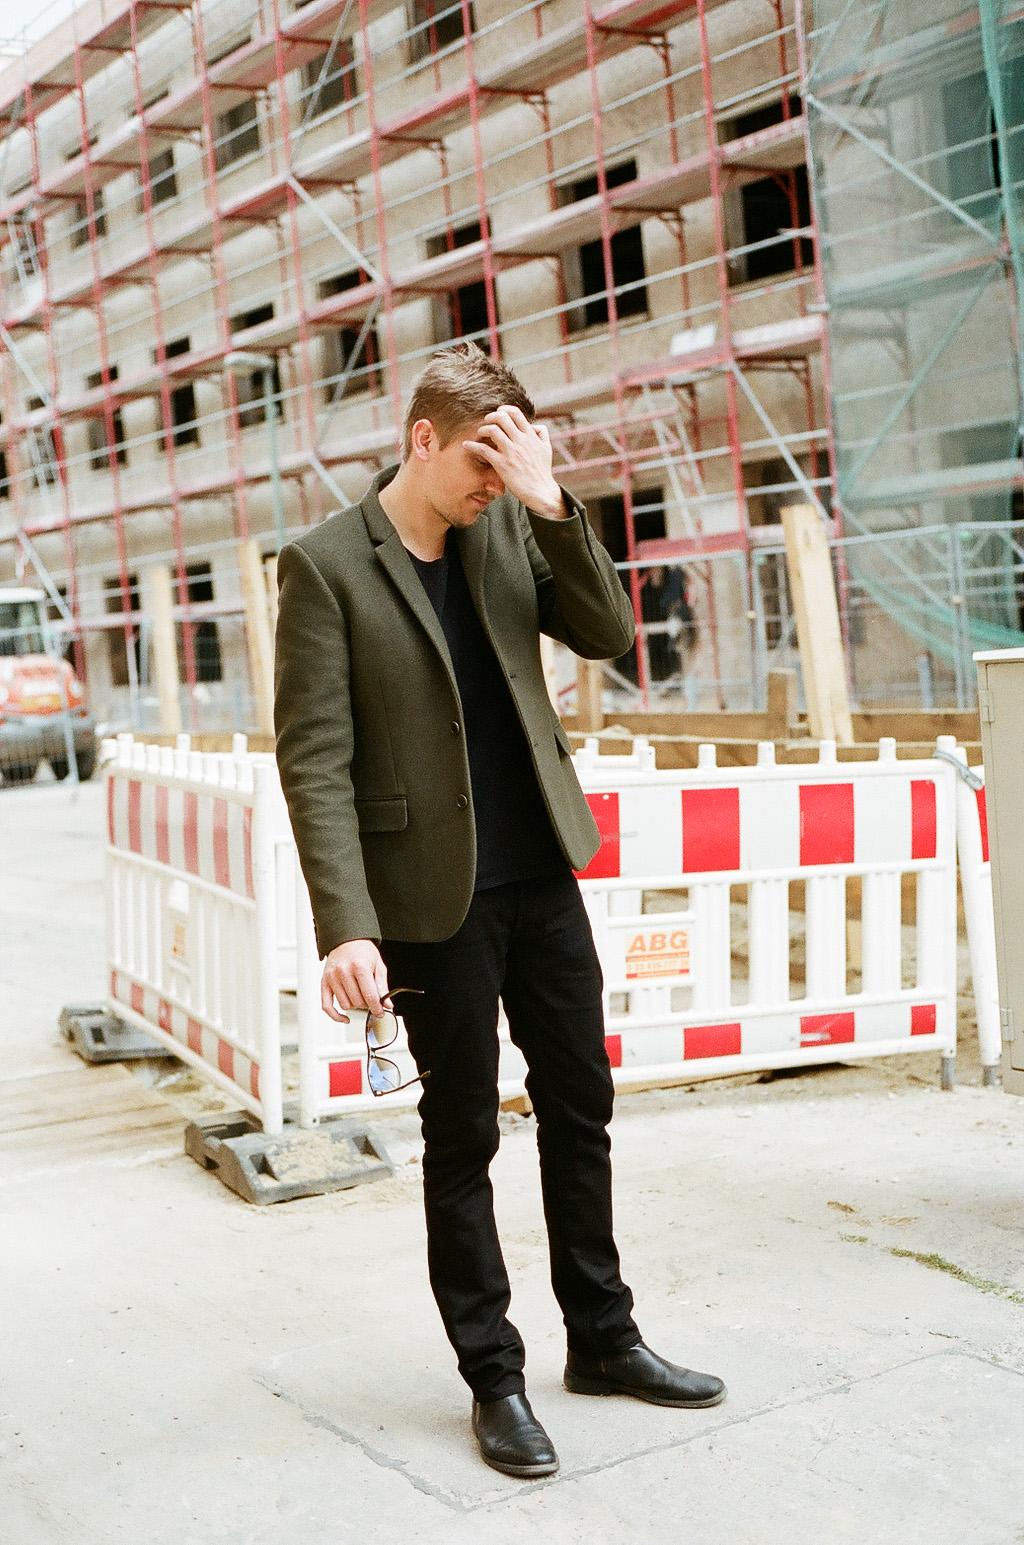 photo, photos, photography, photographer, photographers, man, men, suit, suits, building, construction